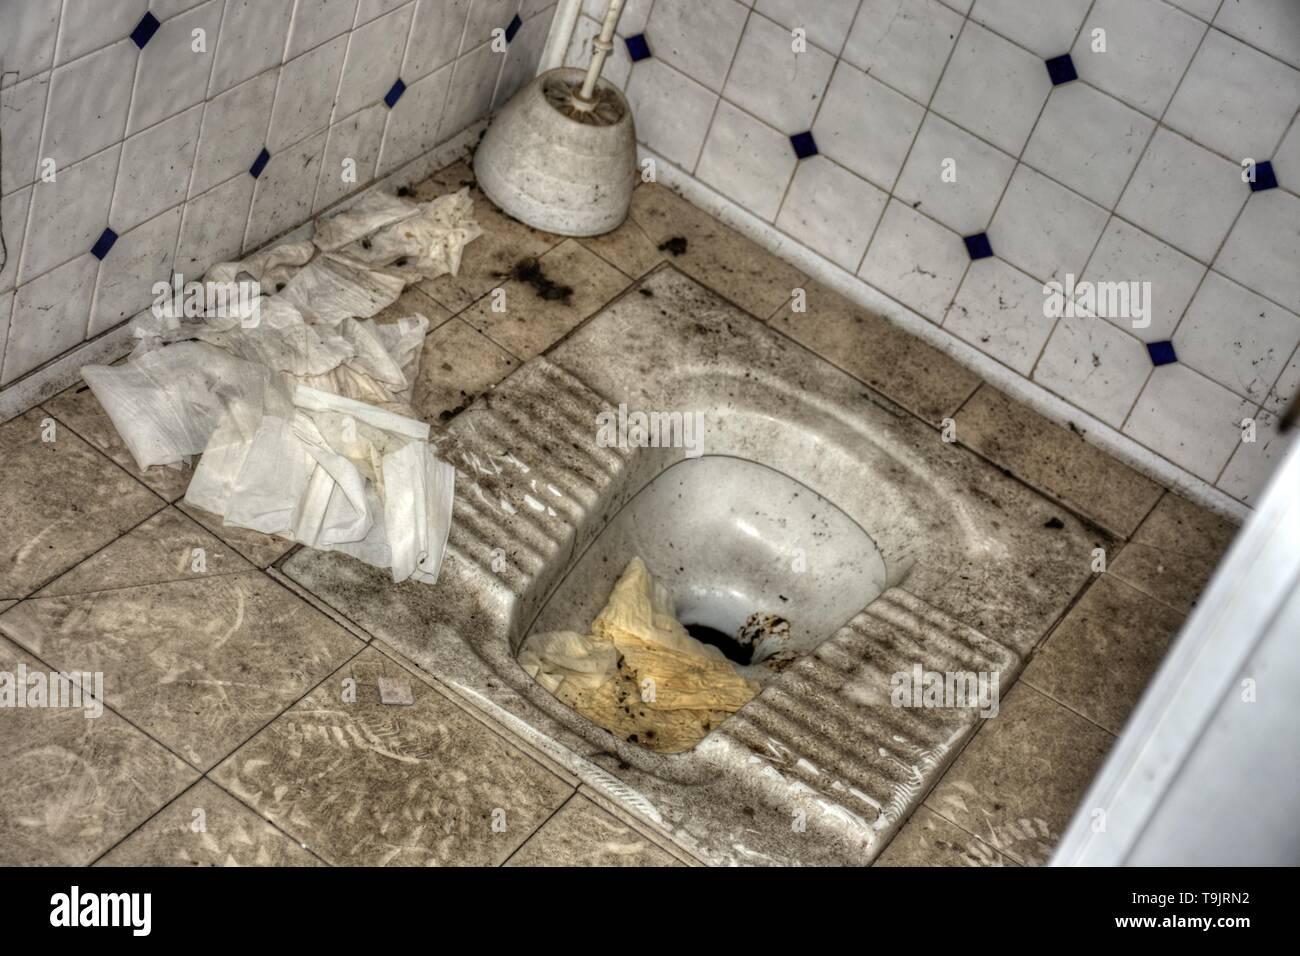 WC, Klo, Klosett, Toilette, Stand-WC, Standklo, verdreckt, verschmutzt, Trittfläche, Abort, Klobesen, Fliesen, WC-Papier, Klopapier, unappetitlich, gr - Stock Image